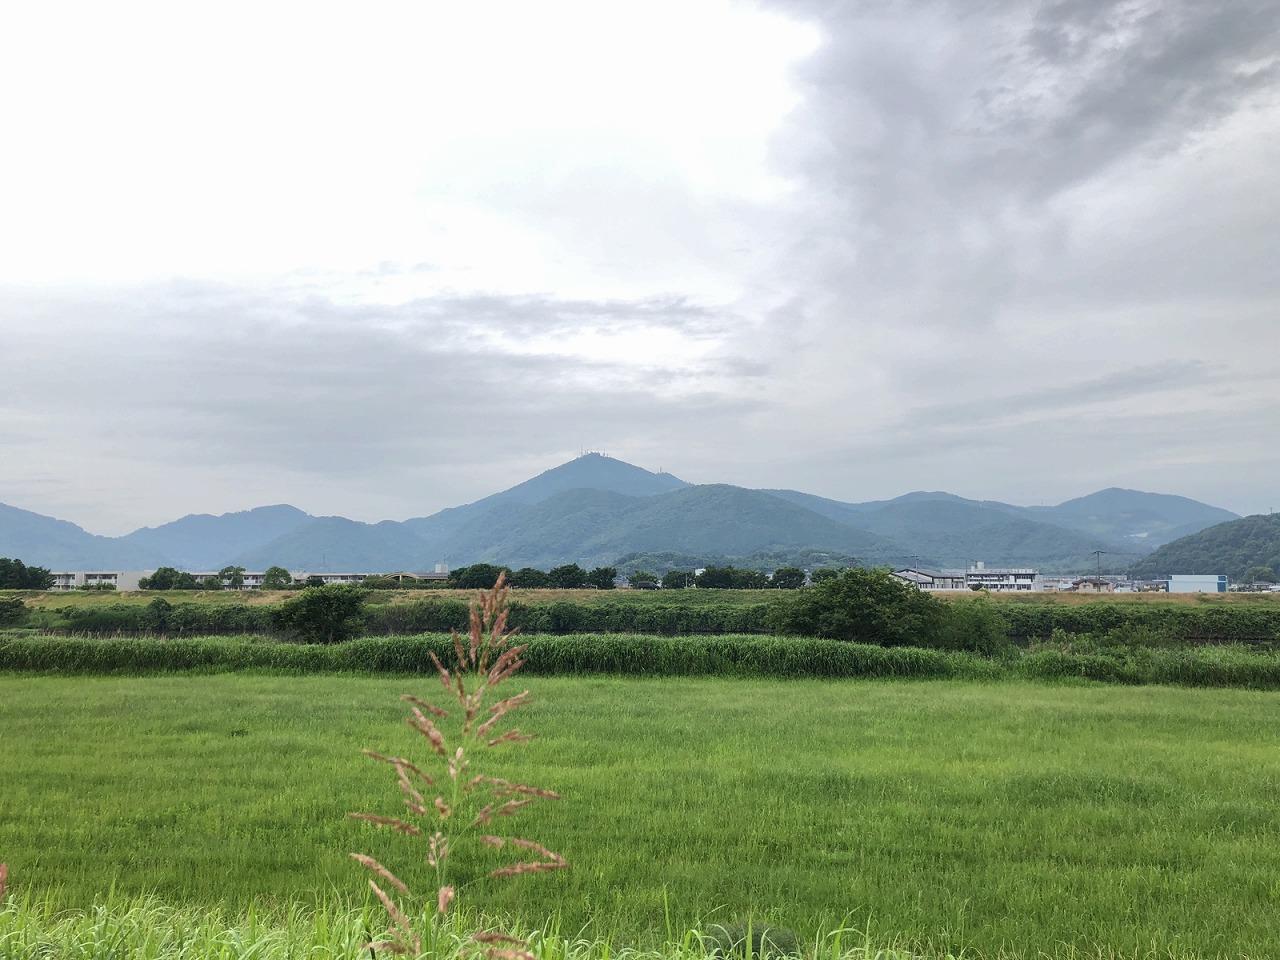 2018.6.5 今朝の金峰山です。